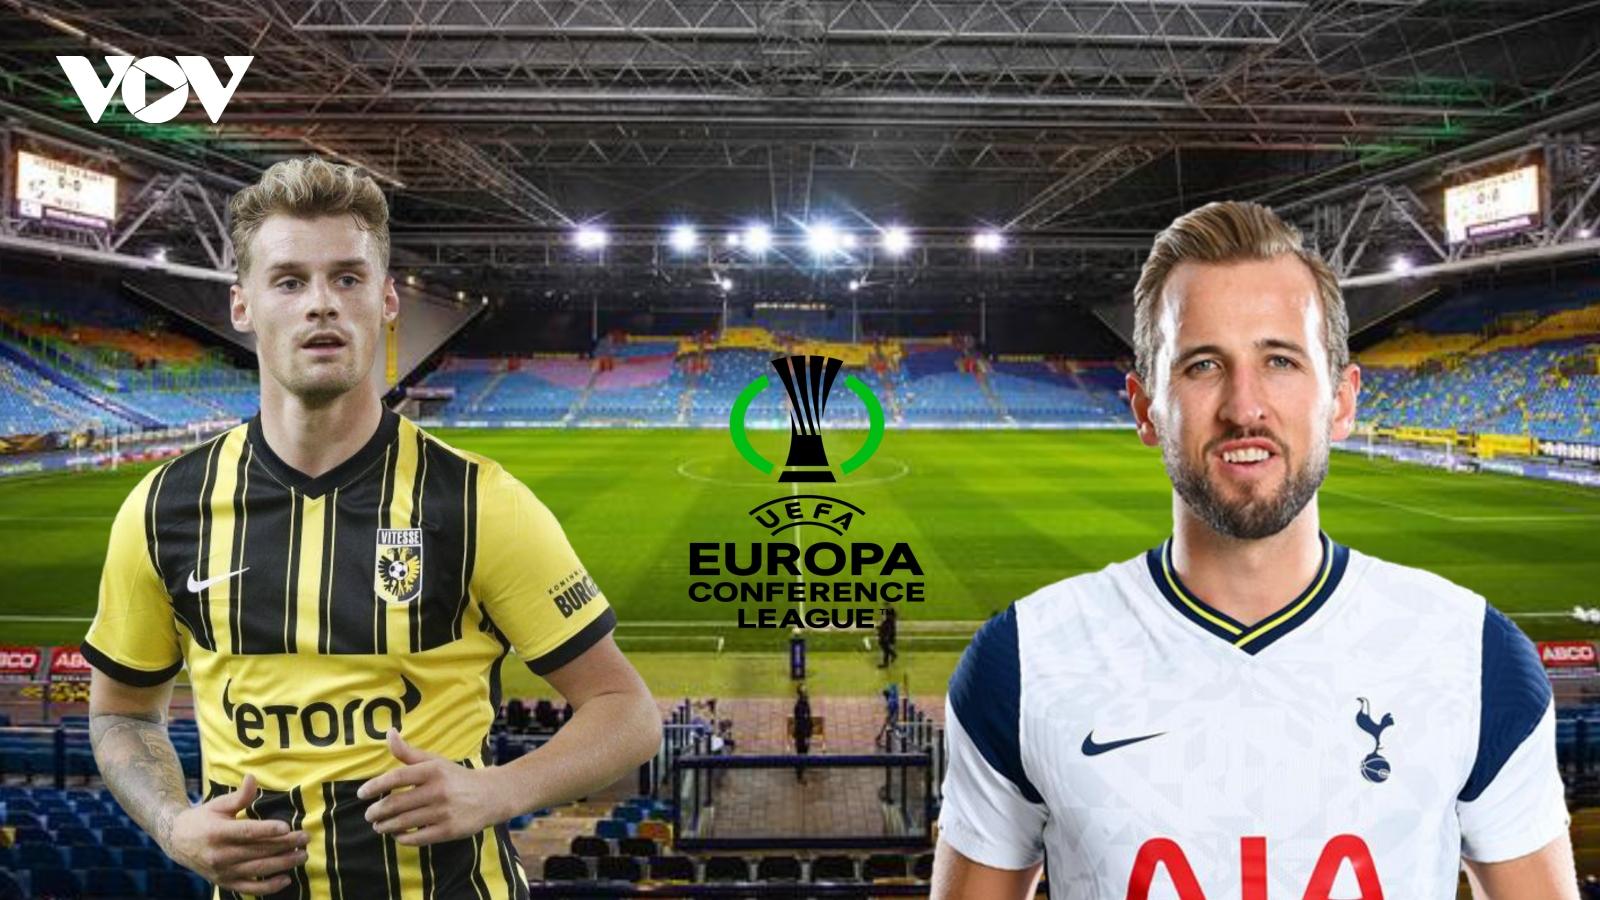 Dự đoán kết quả, đội hình xuất phát trận Vitesse - Tottenham